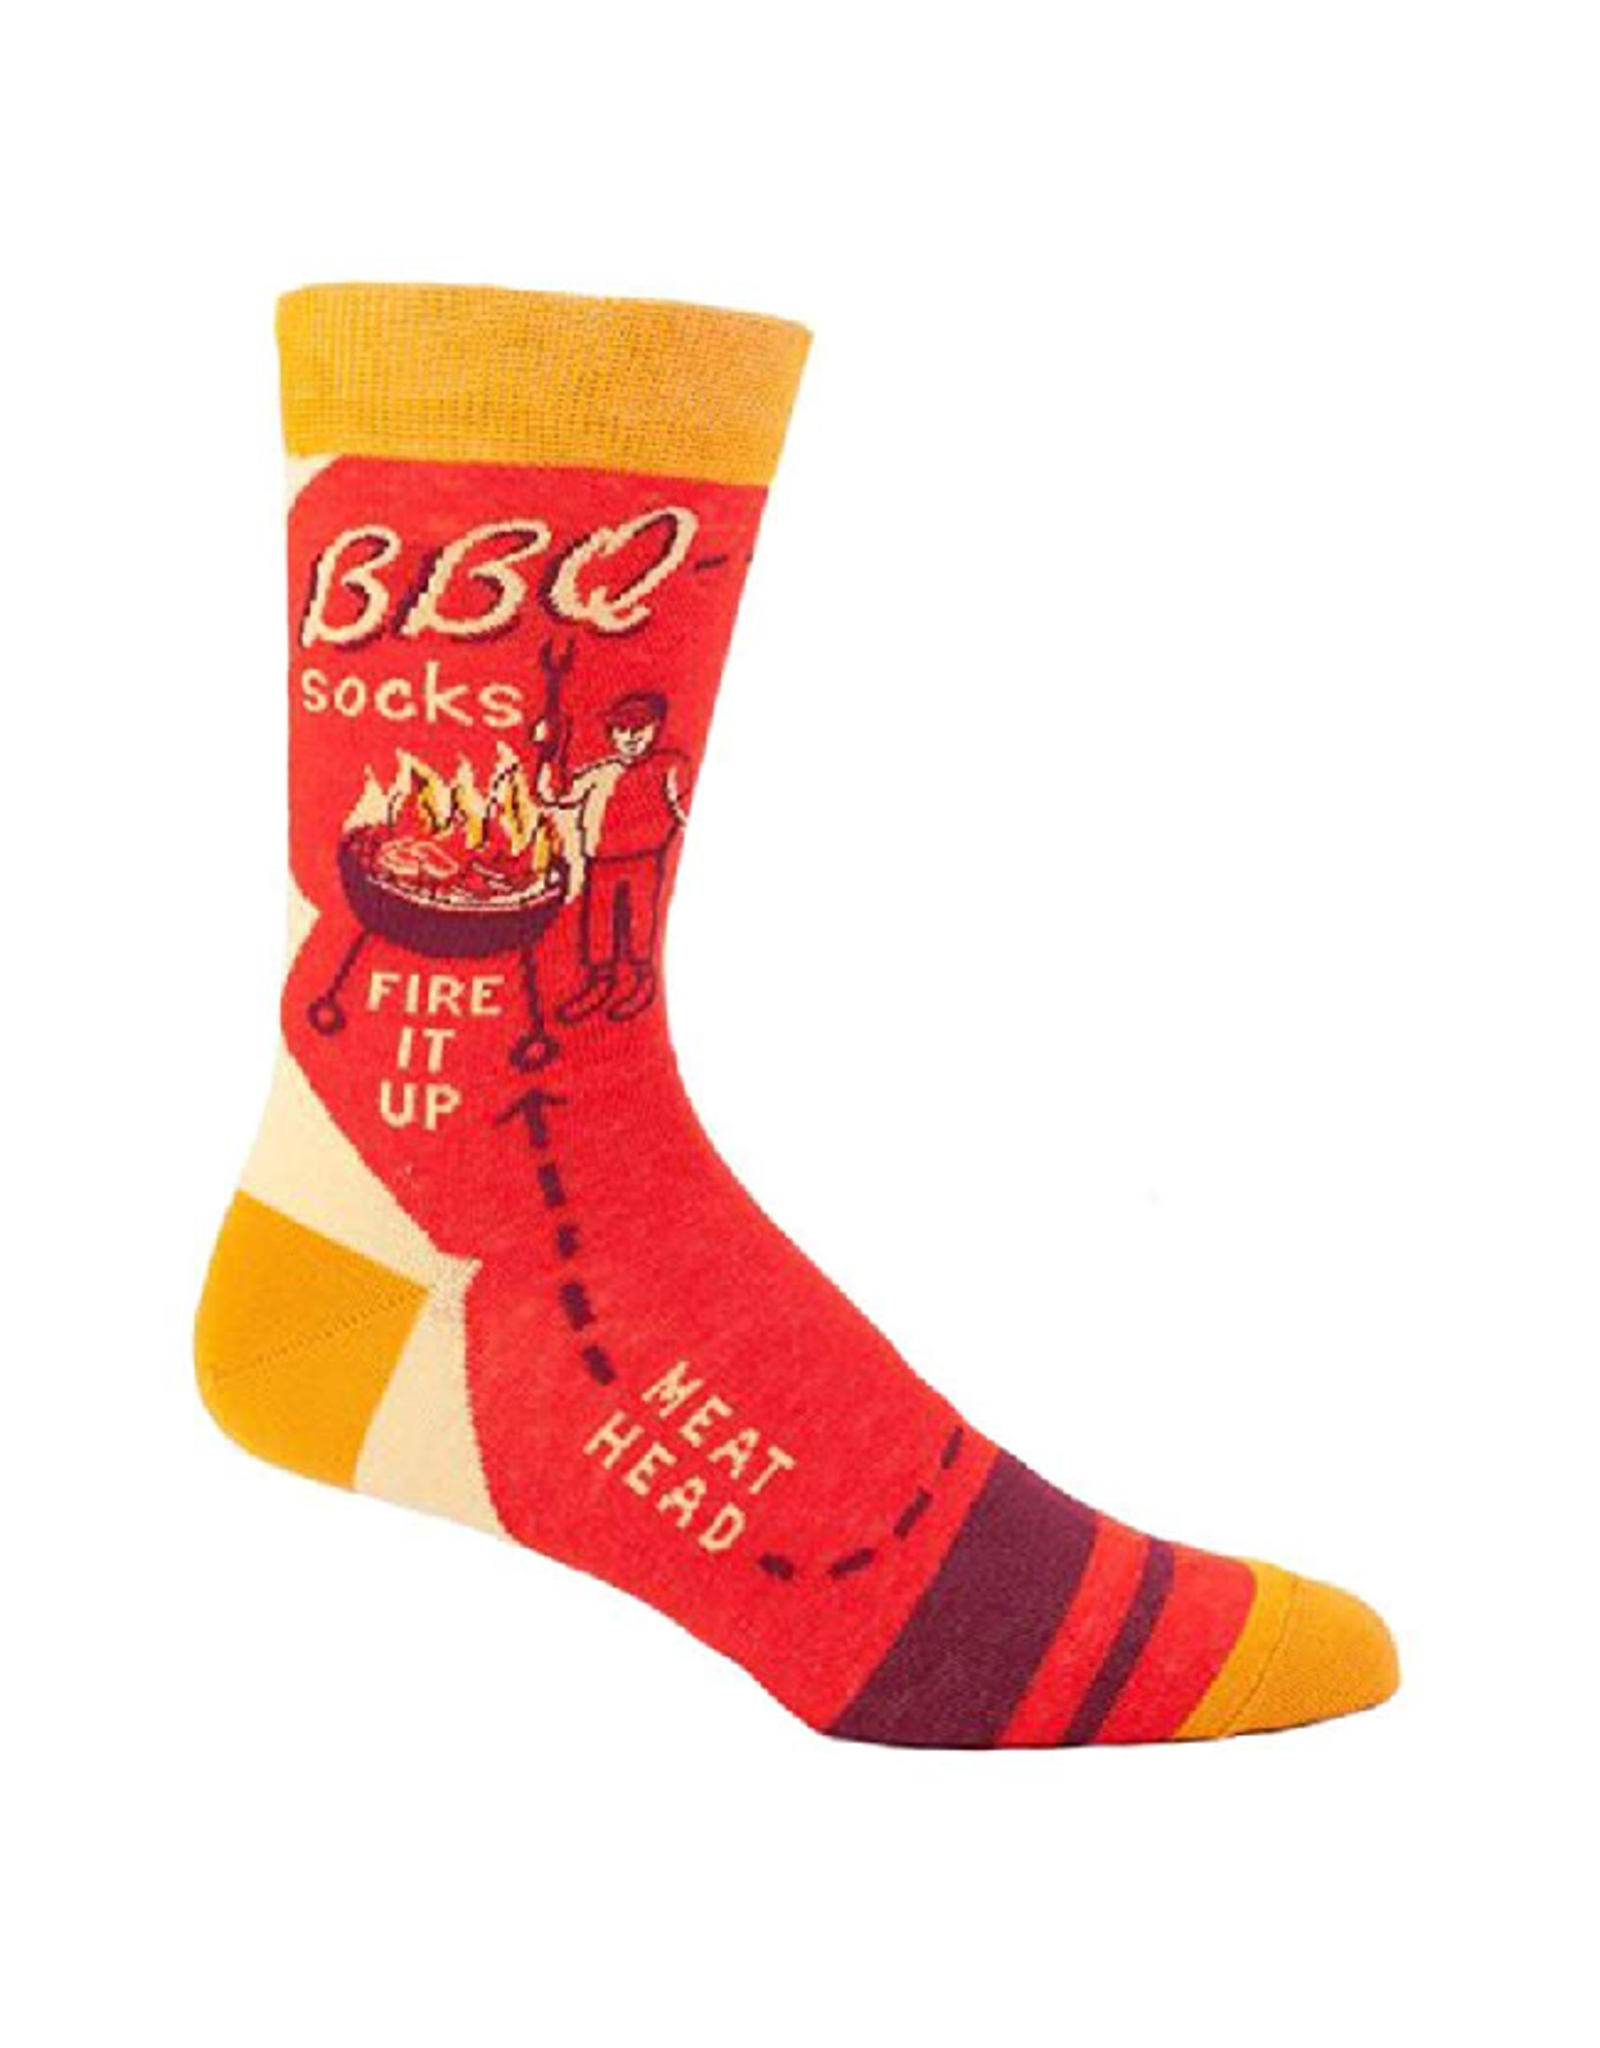 Socks (Mens) - BBQ